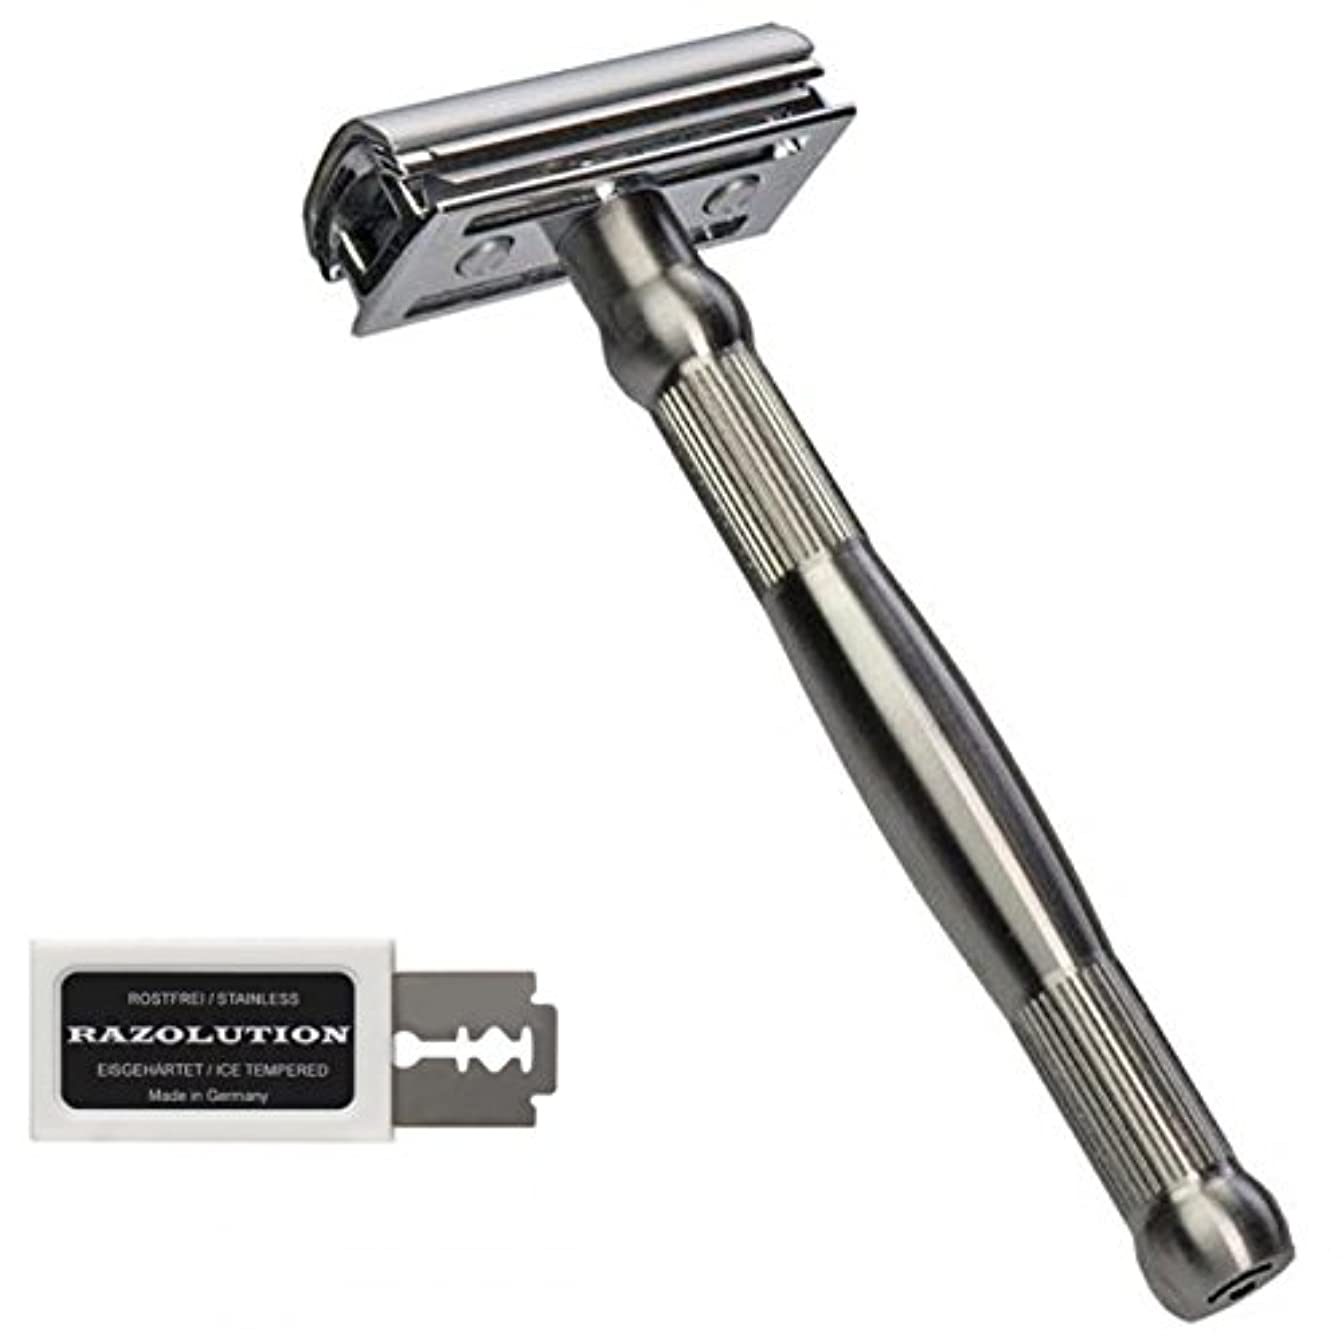 コカイン遺跡ガイダンスRAZOLUTION 4Edge Safety razor, stainless steel handle